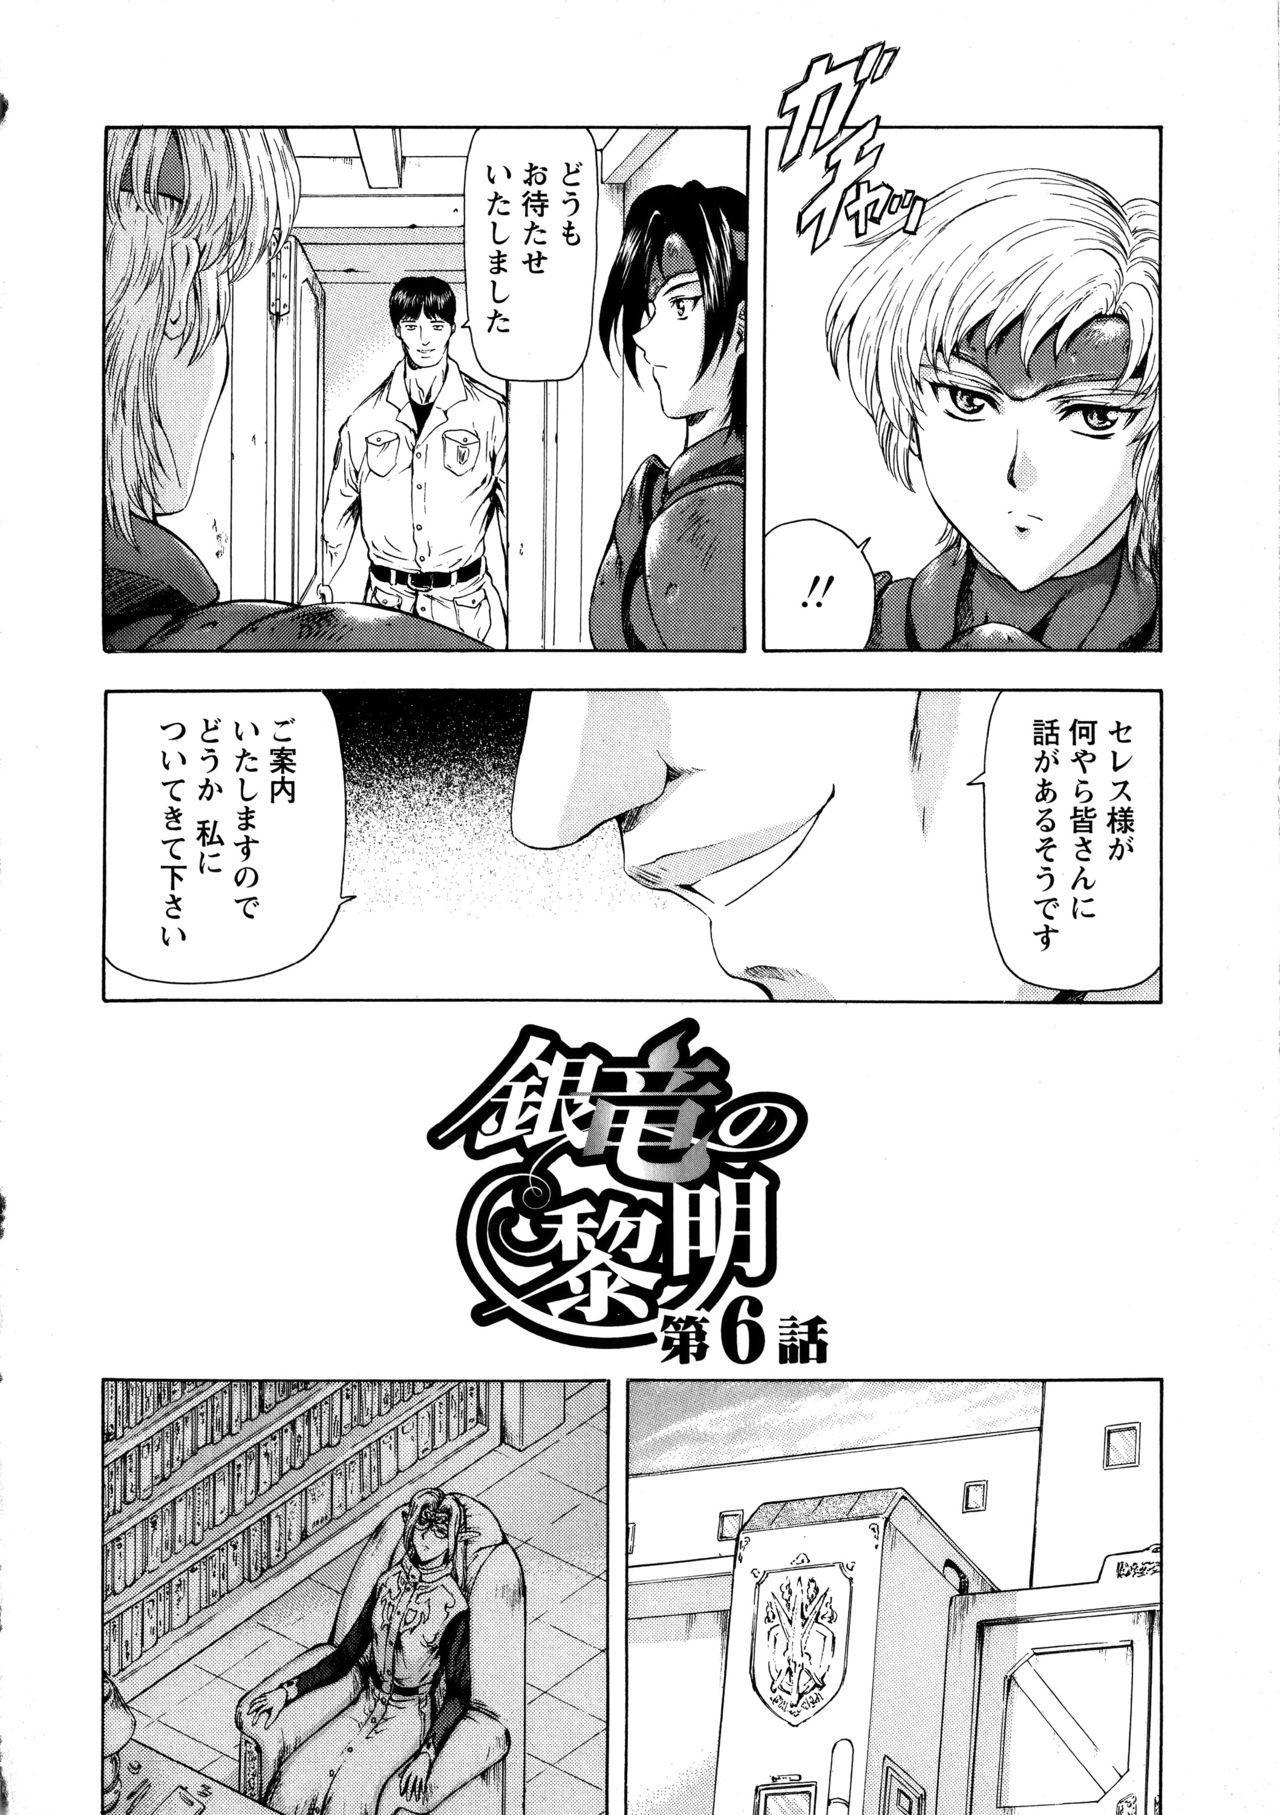 Ginryuu no Reimei Vol. 1 115